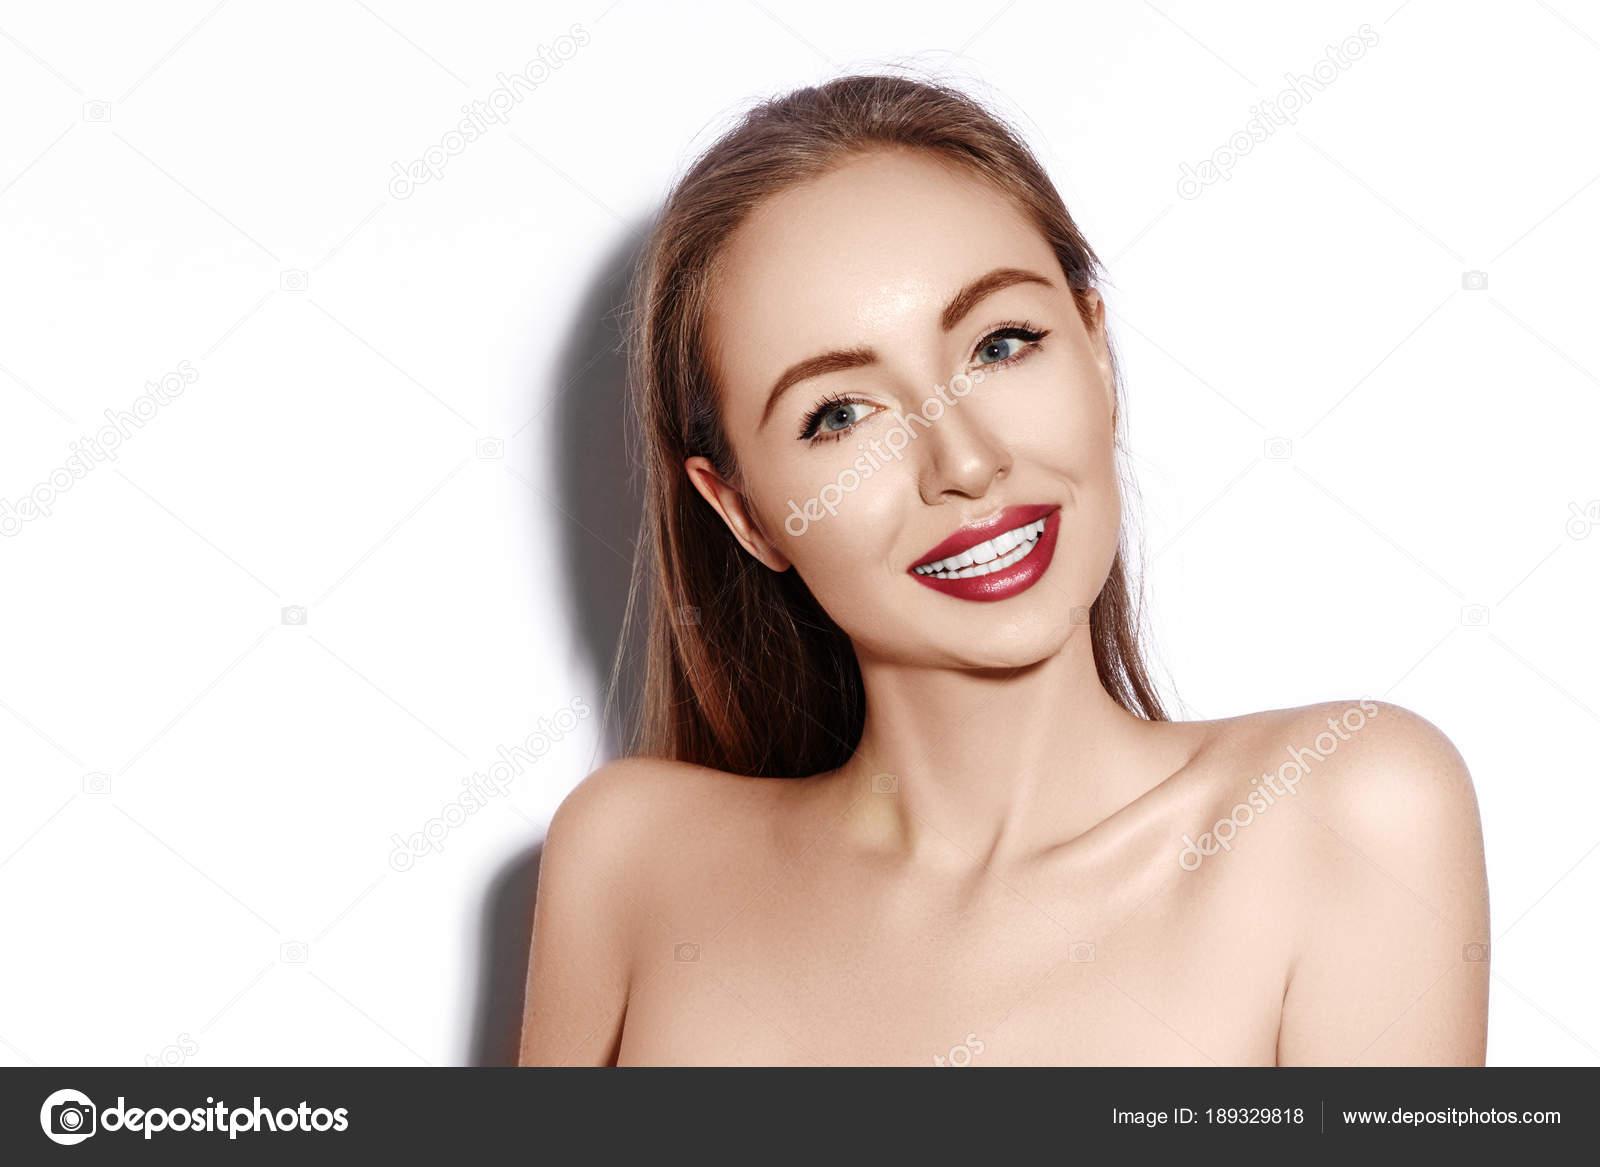 Сексуальные улыбки девушек